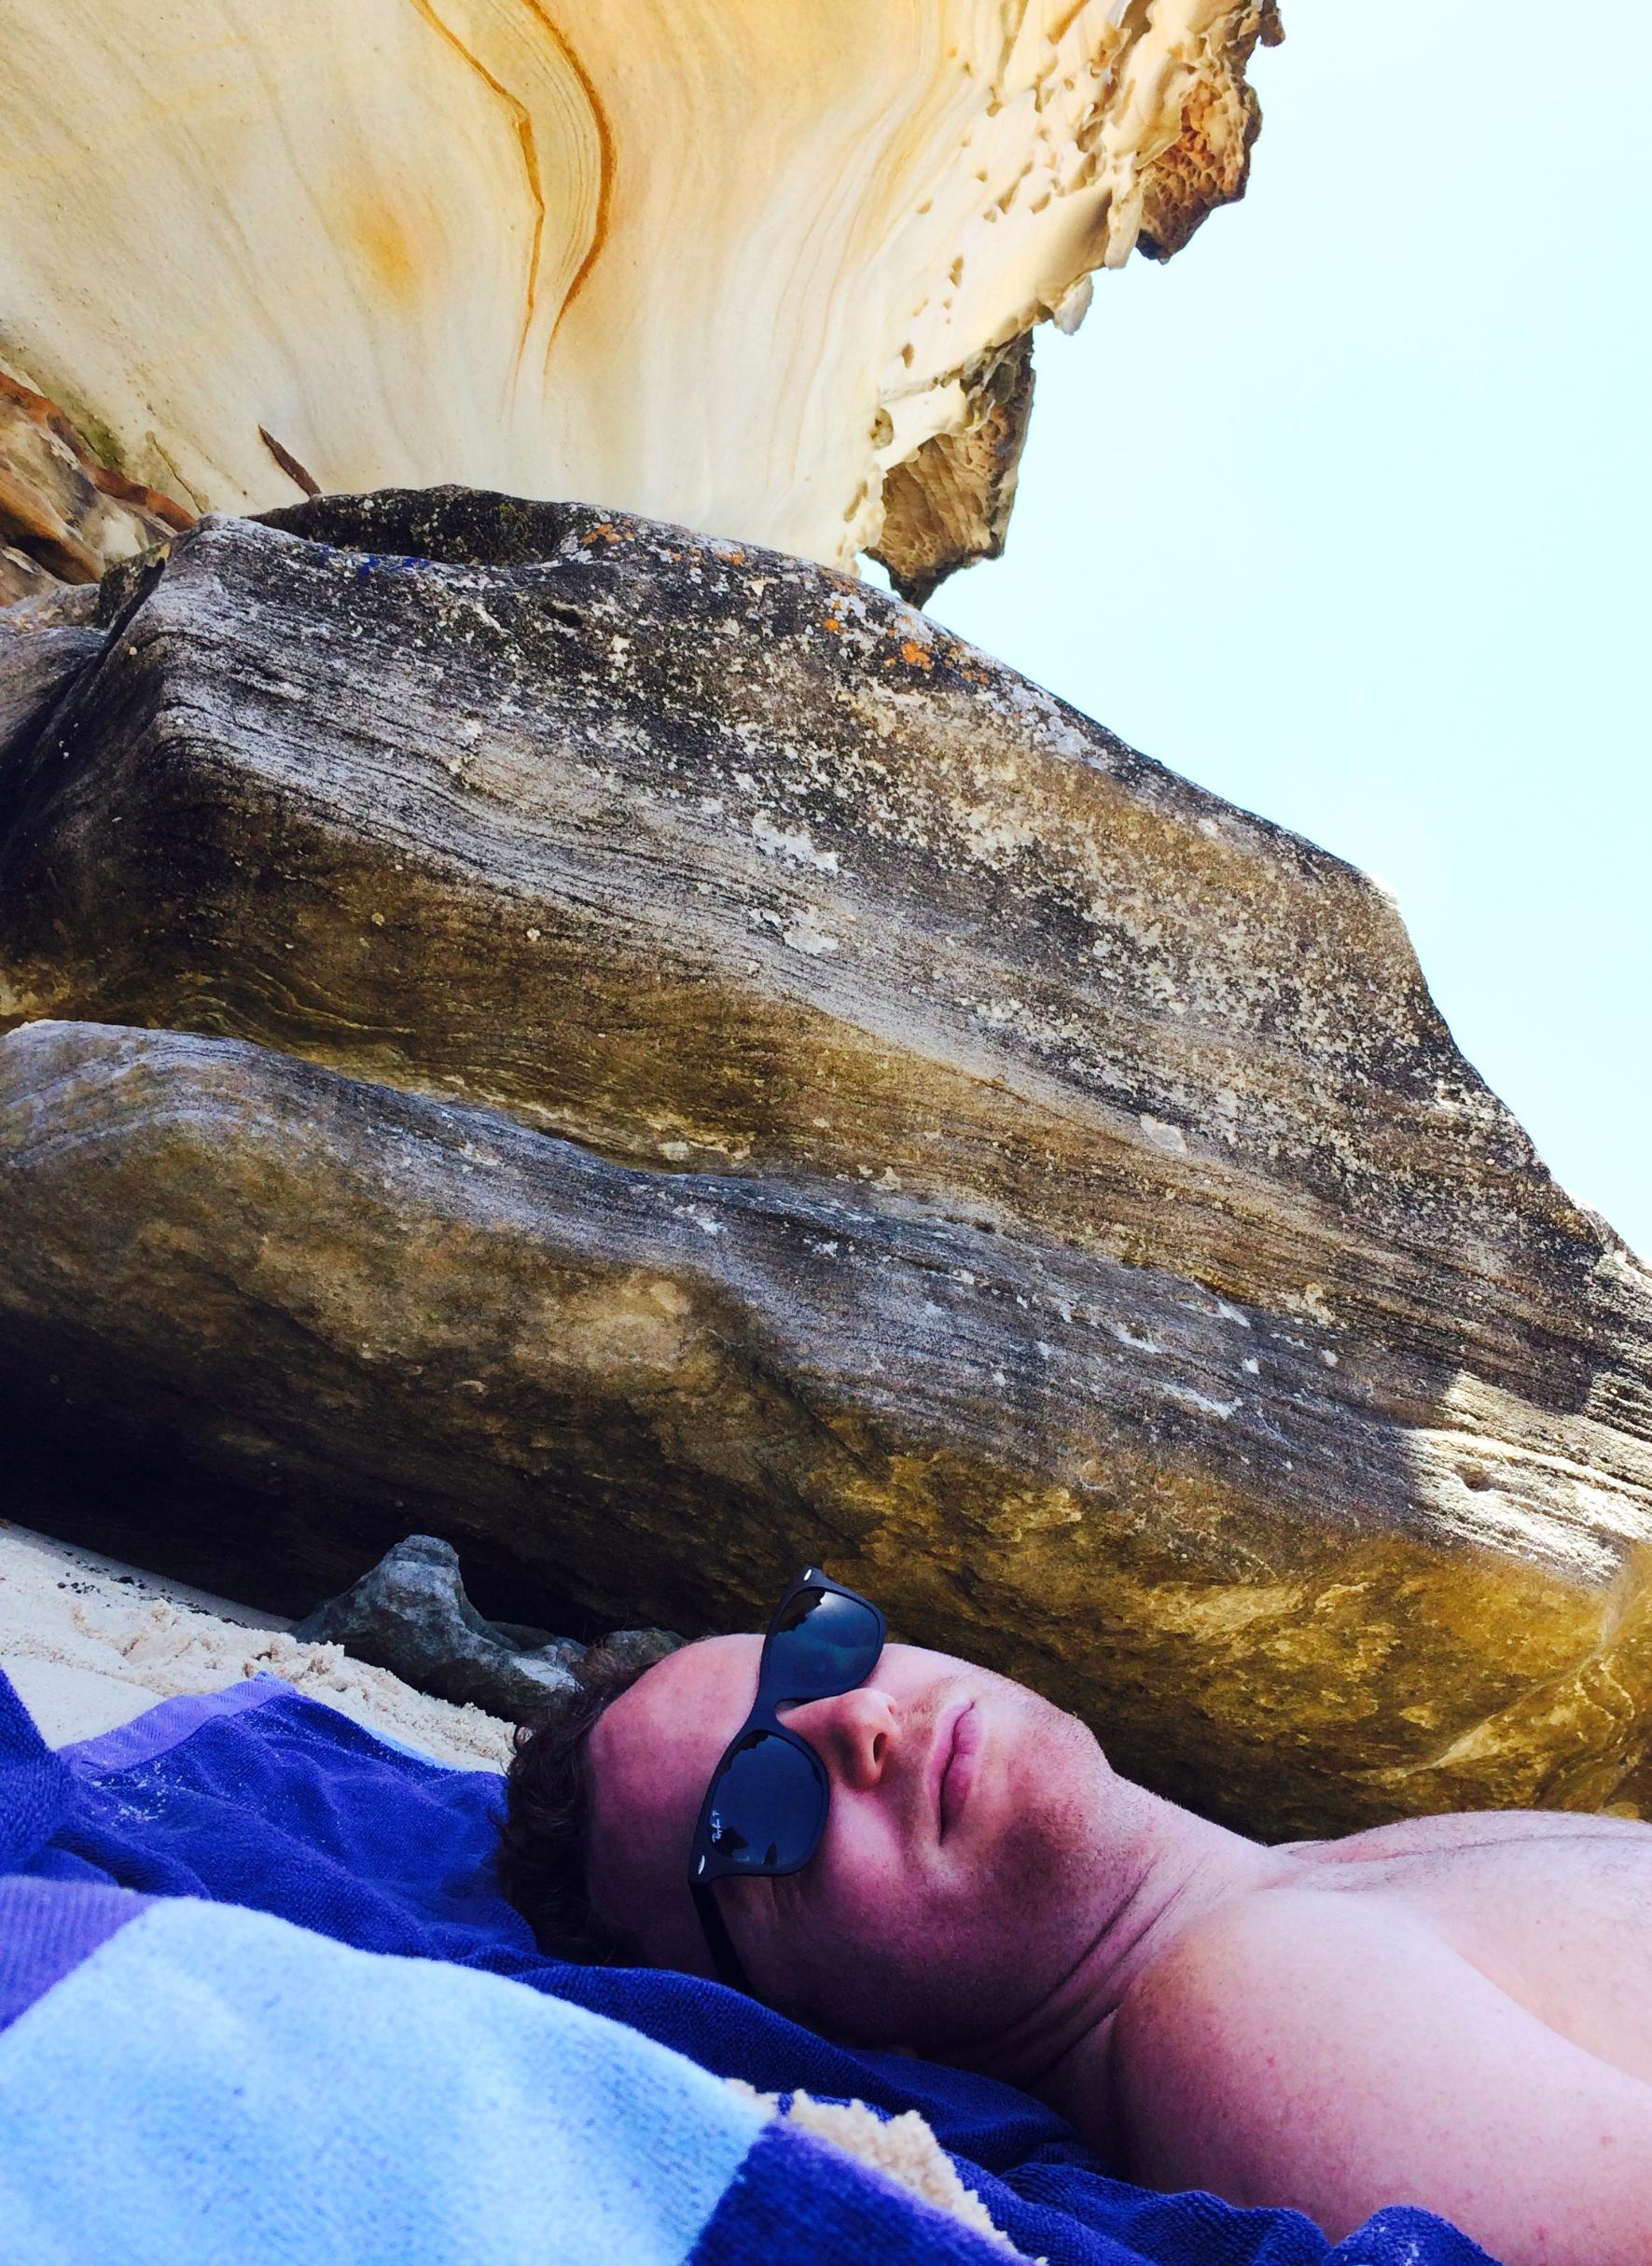 Places to visit in Sydney Australia - Tamarama Beach